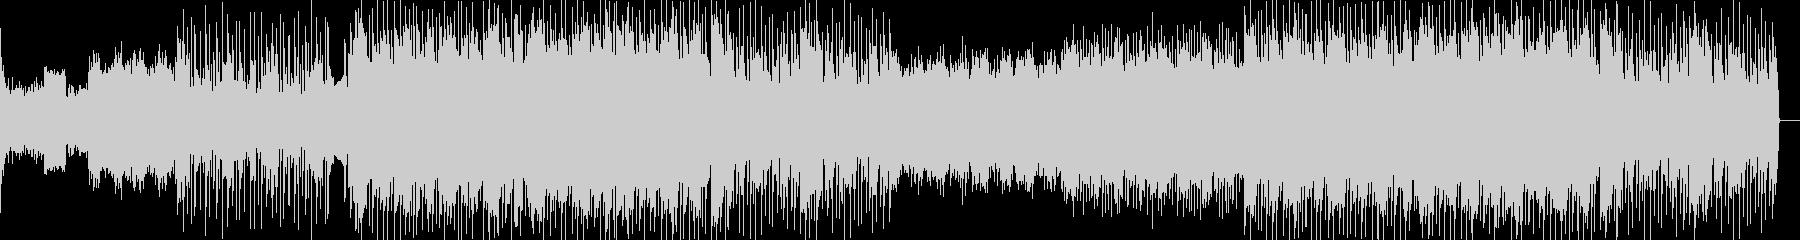 切ないローファイヒップホップの未再生の波形